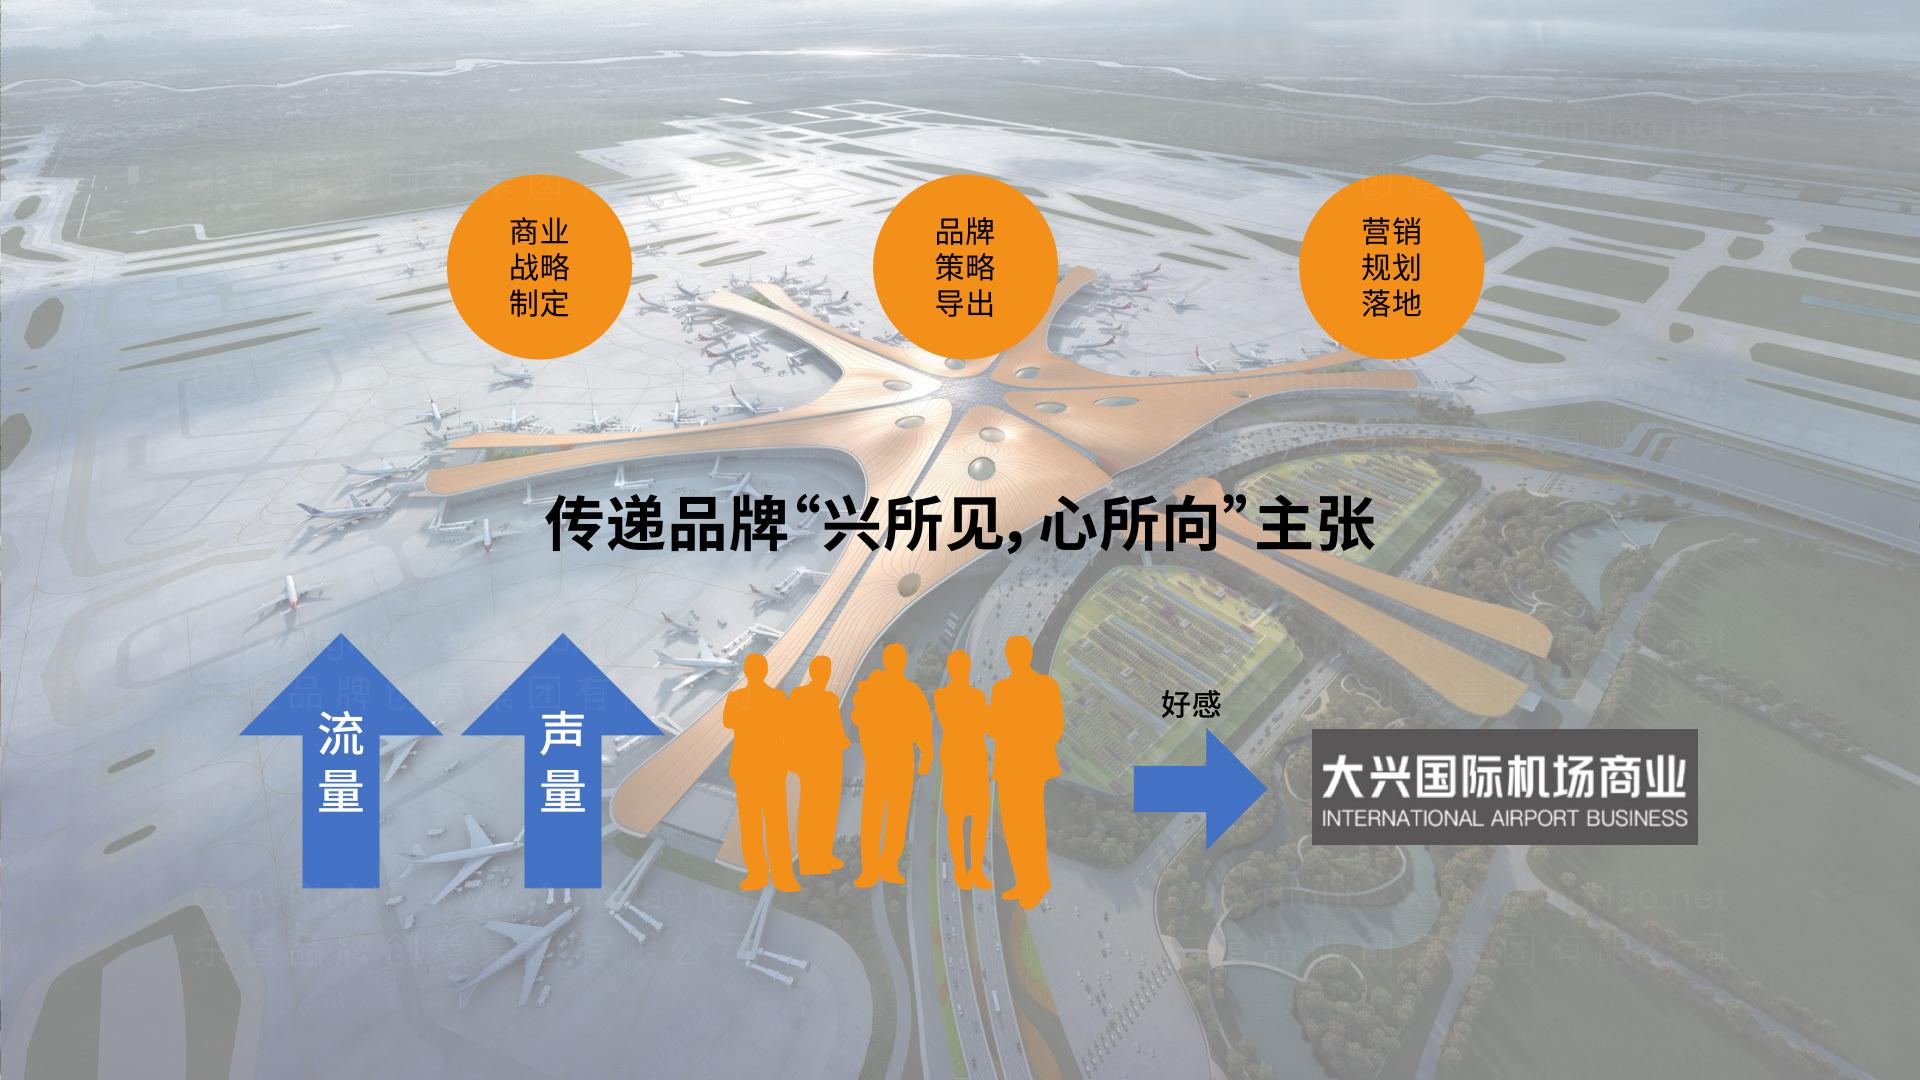 航空航天公关传播大兴机场品牌战略+传播推广